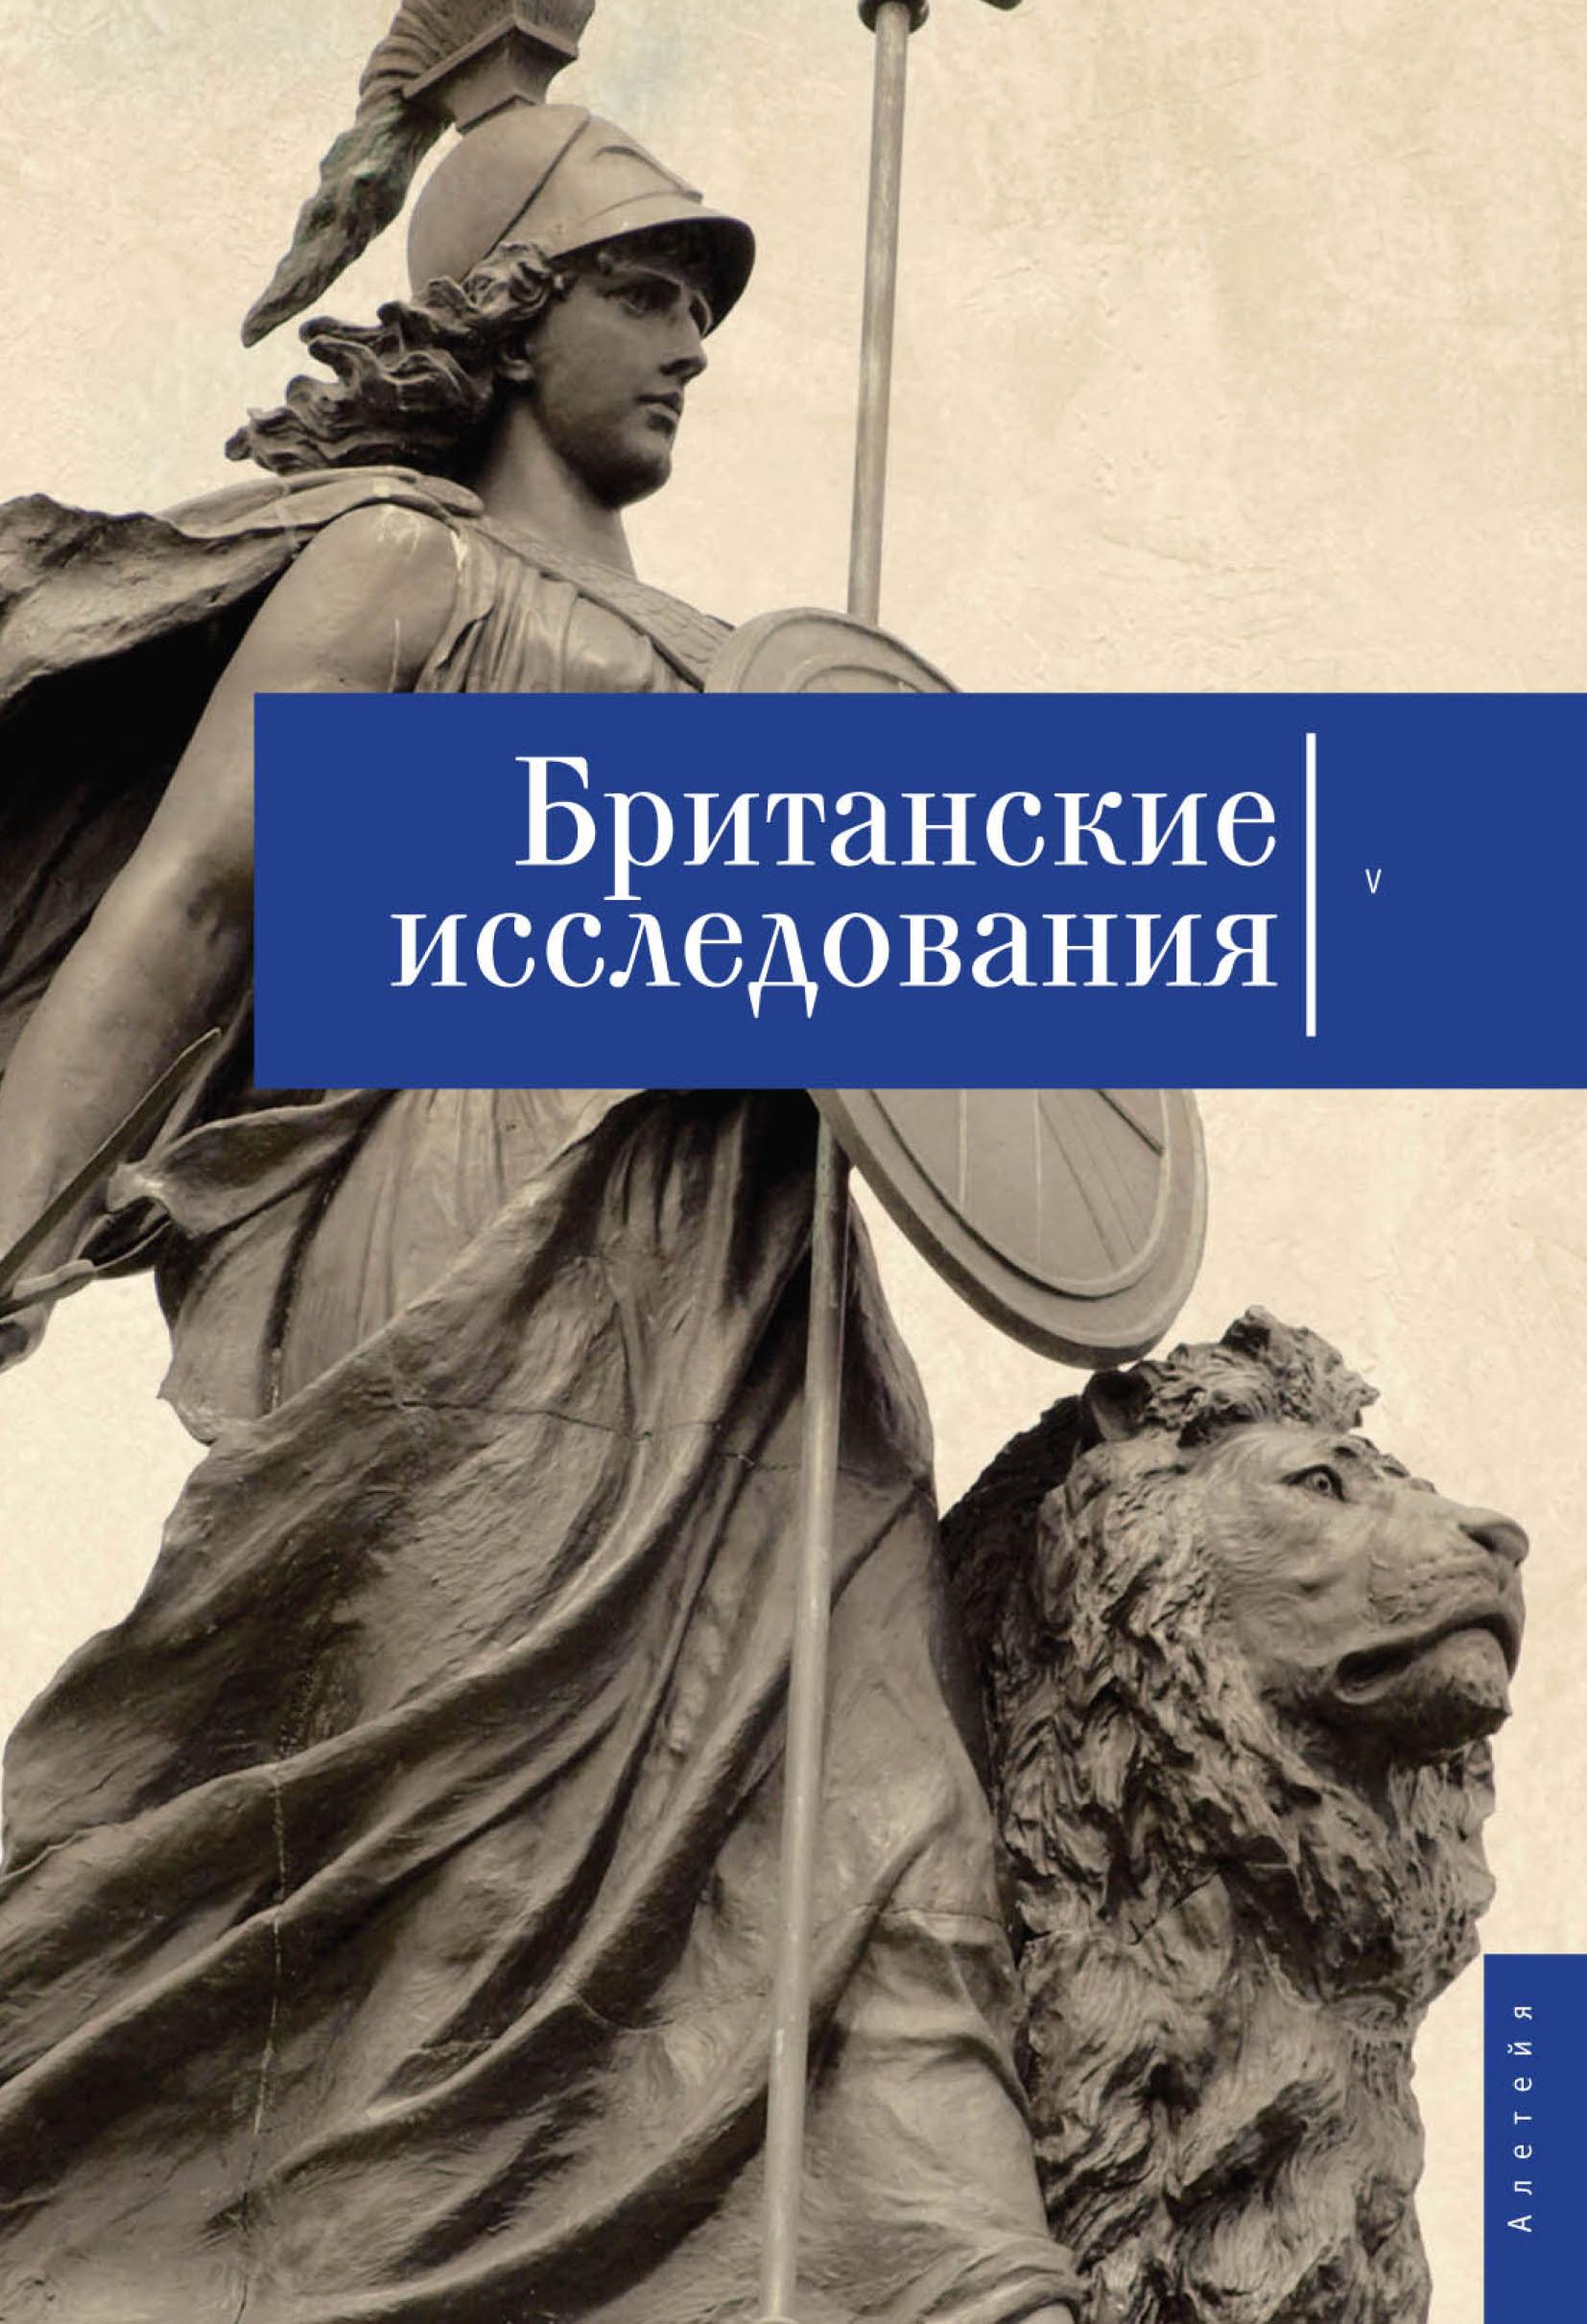 Сборник статей Британские исследования. Выпуск V сборник статей новая экономика – новое общество выпуск 7